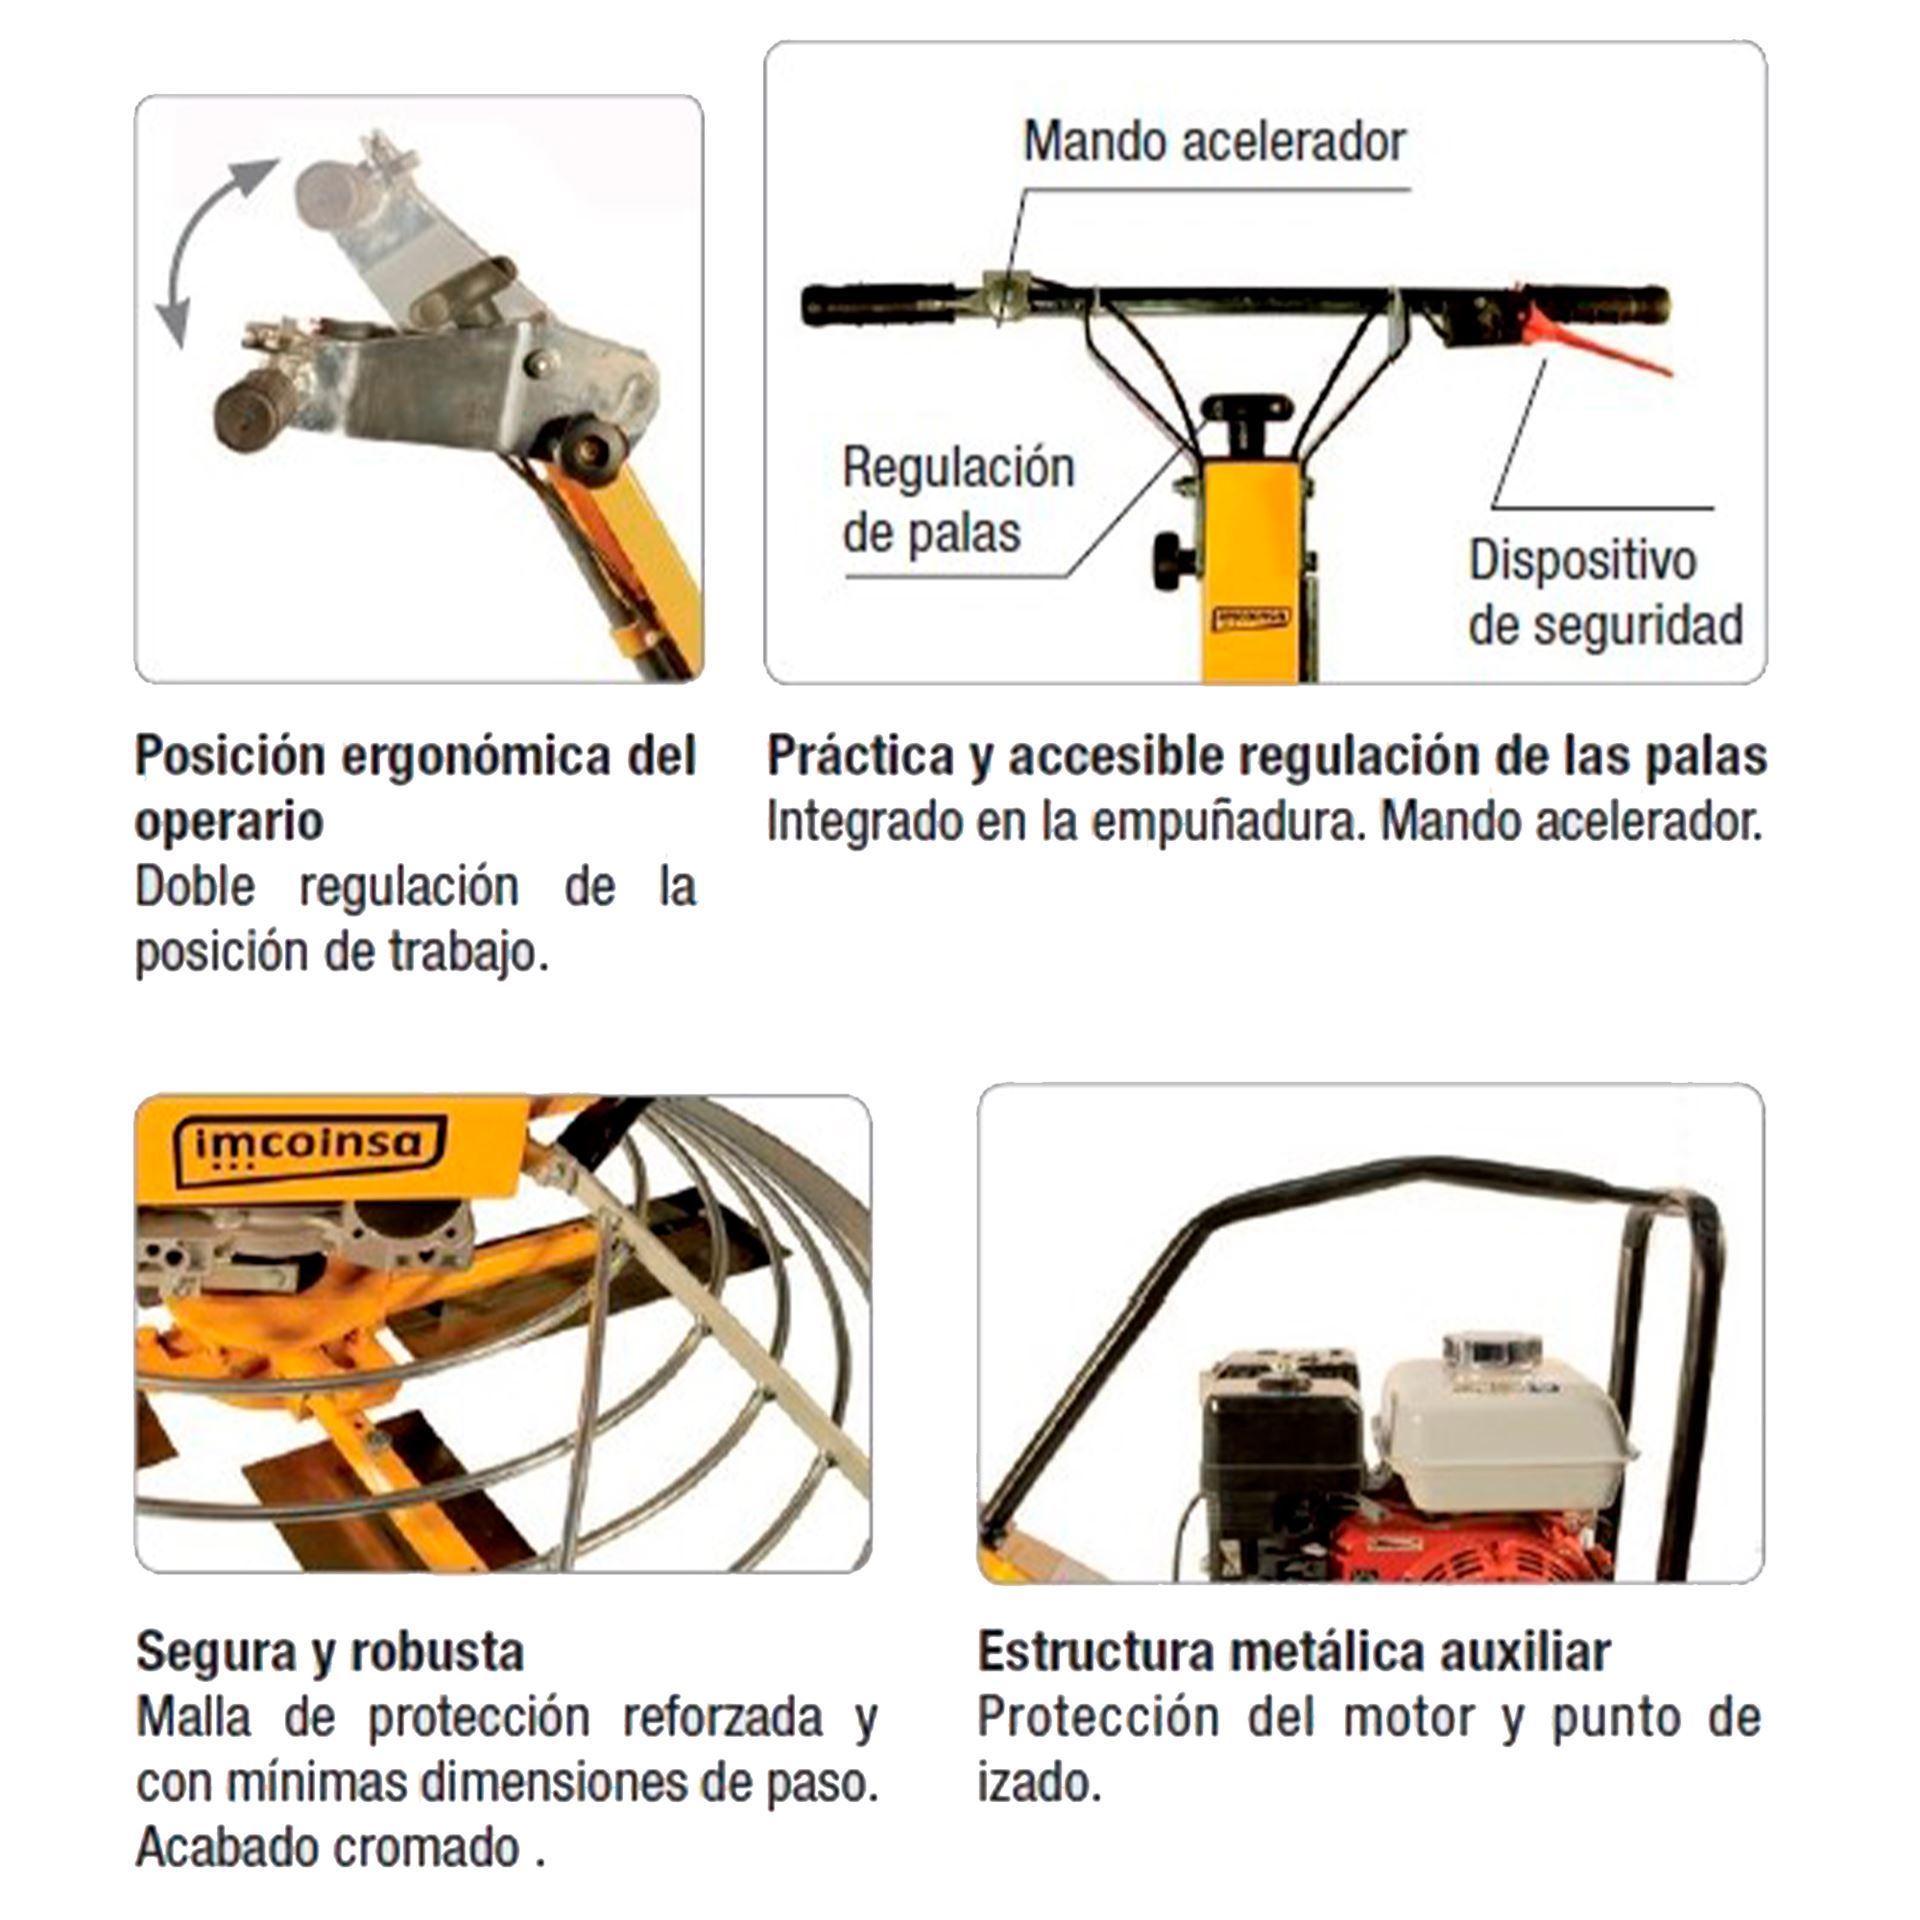 Imagen de Fratasadora hormigón Imcoinsa 2A13 motor Honda 13 HP